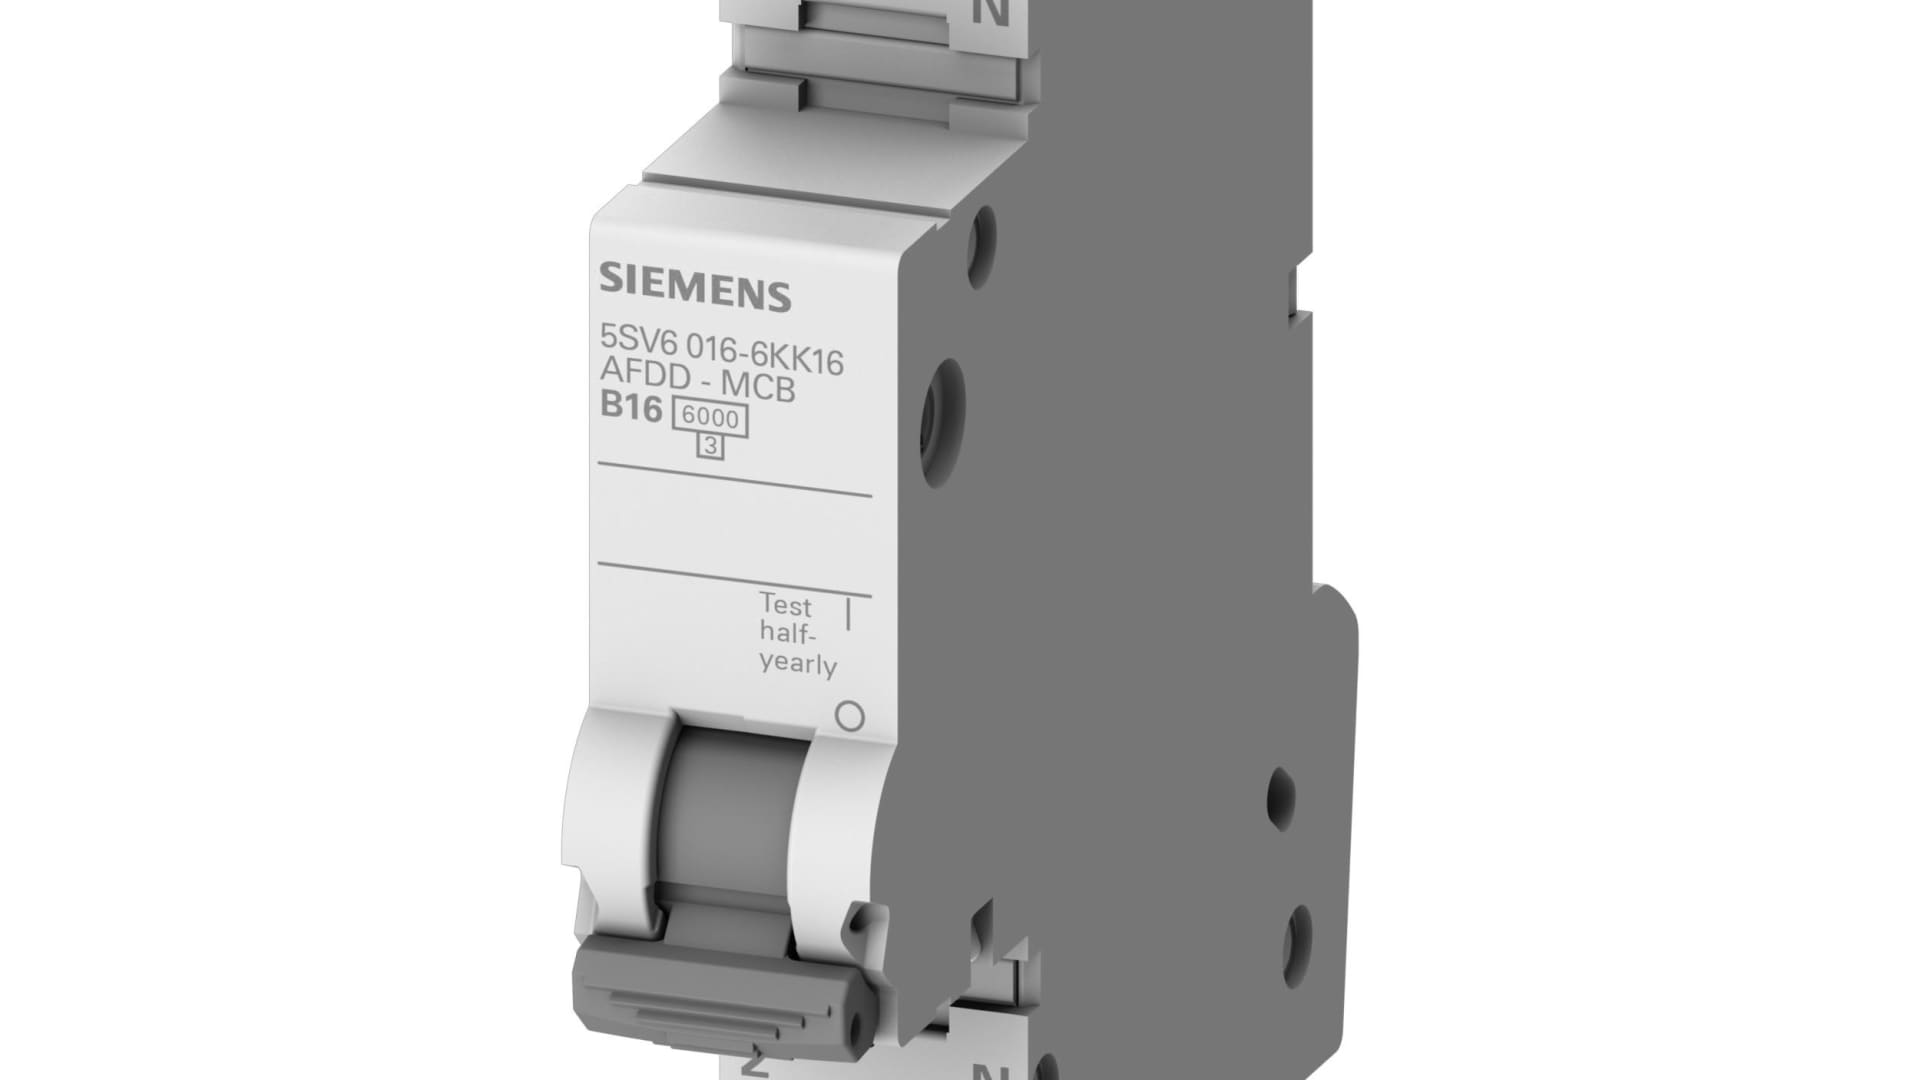 Siemens: AFDD mit integriertem Leitungsschutz